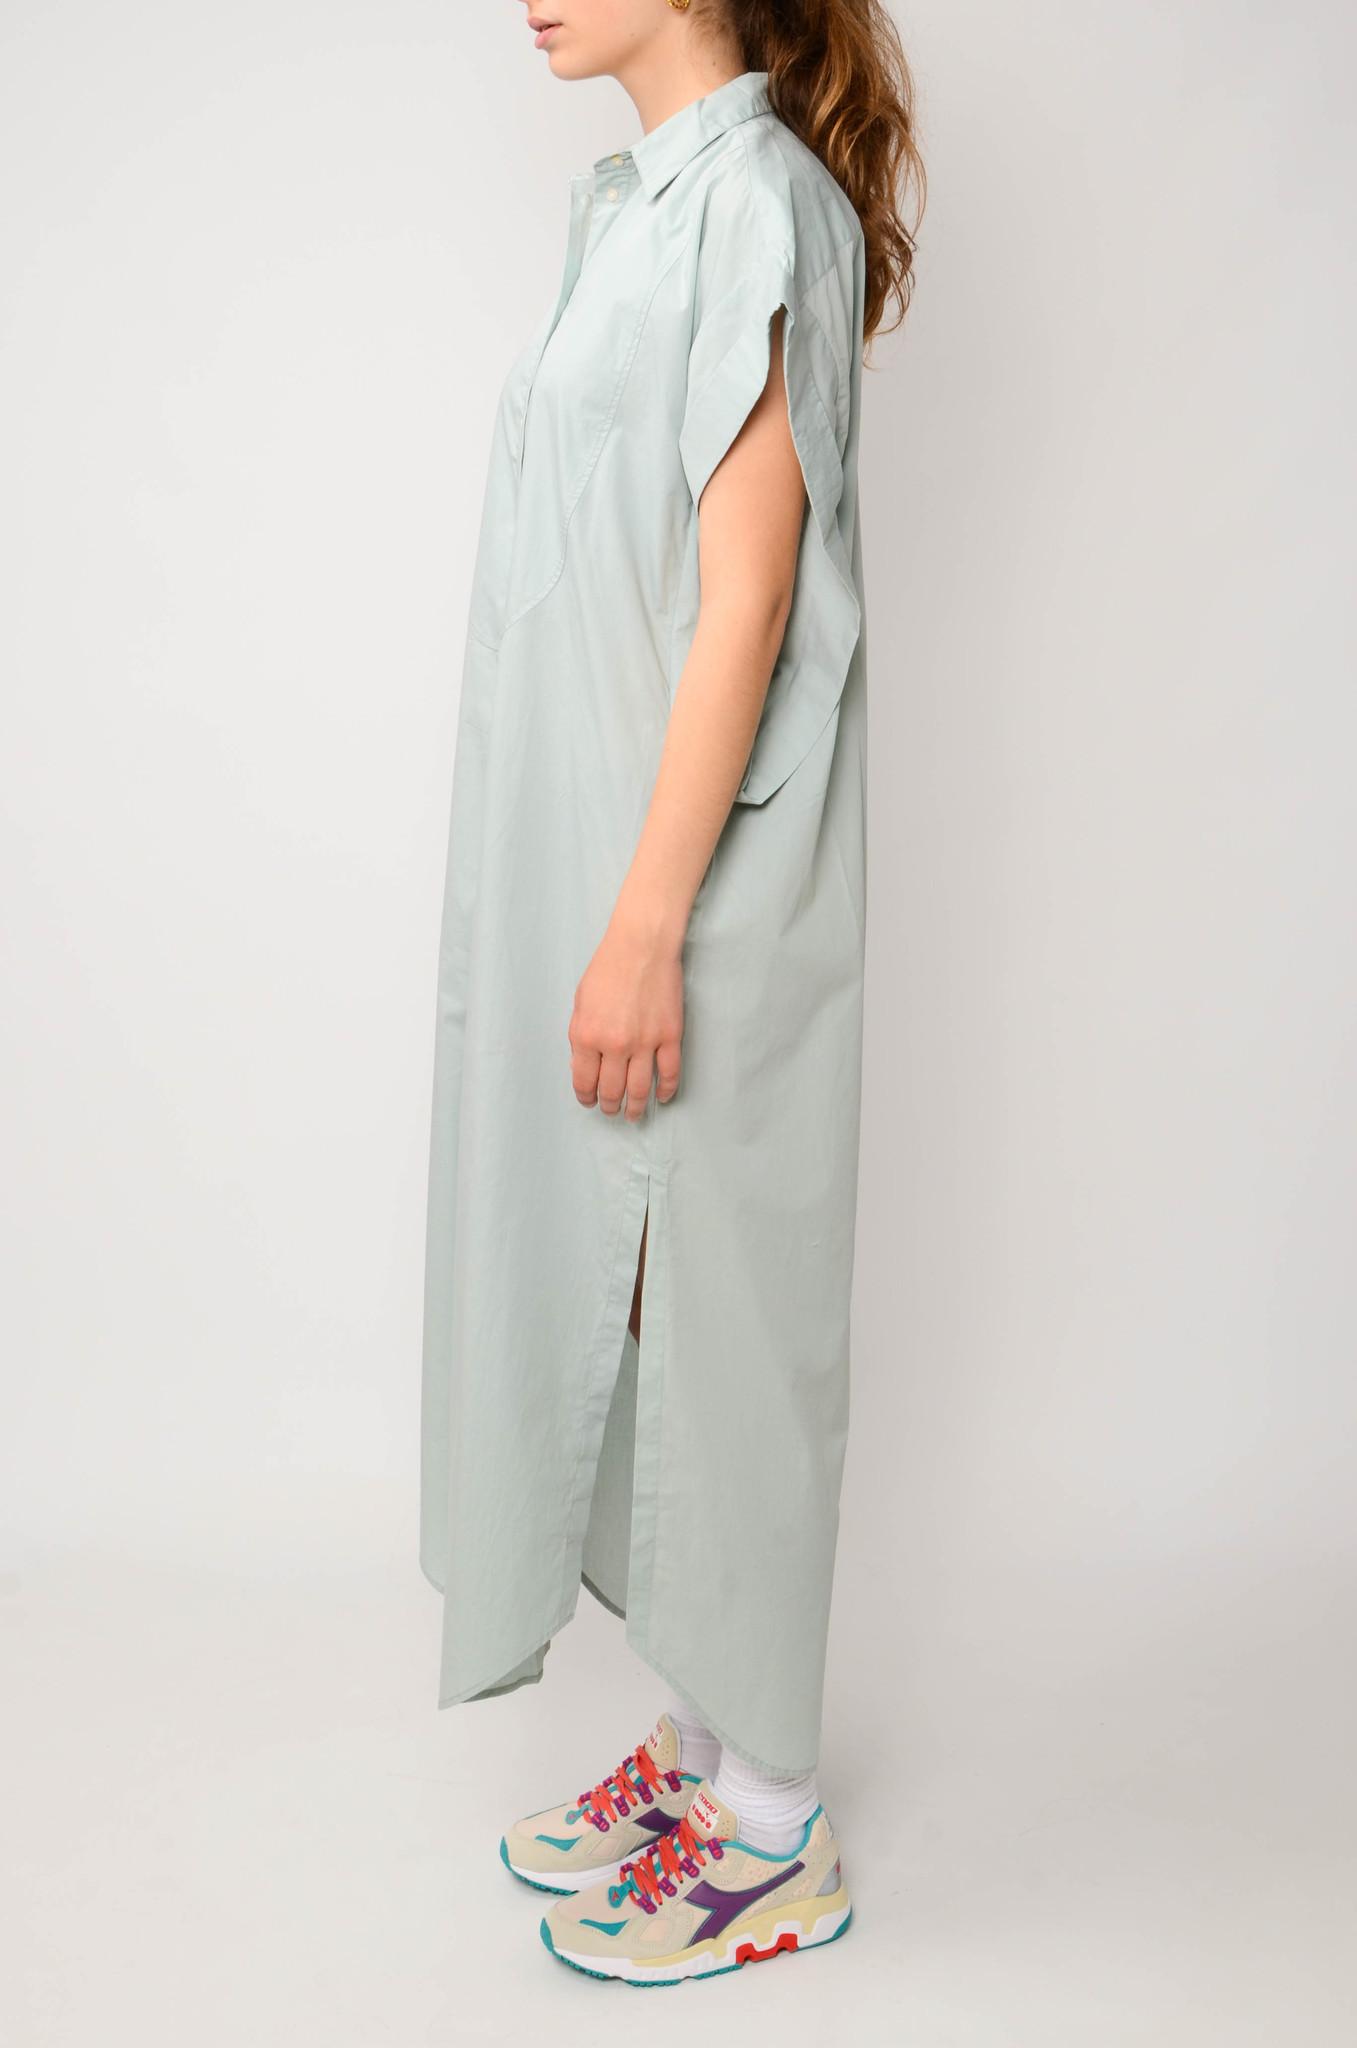 CAYSA SHIRT DRESS-3